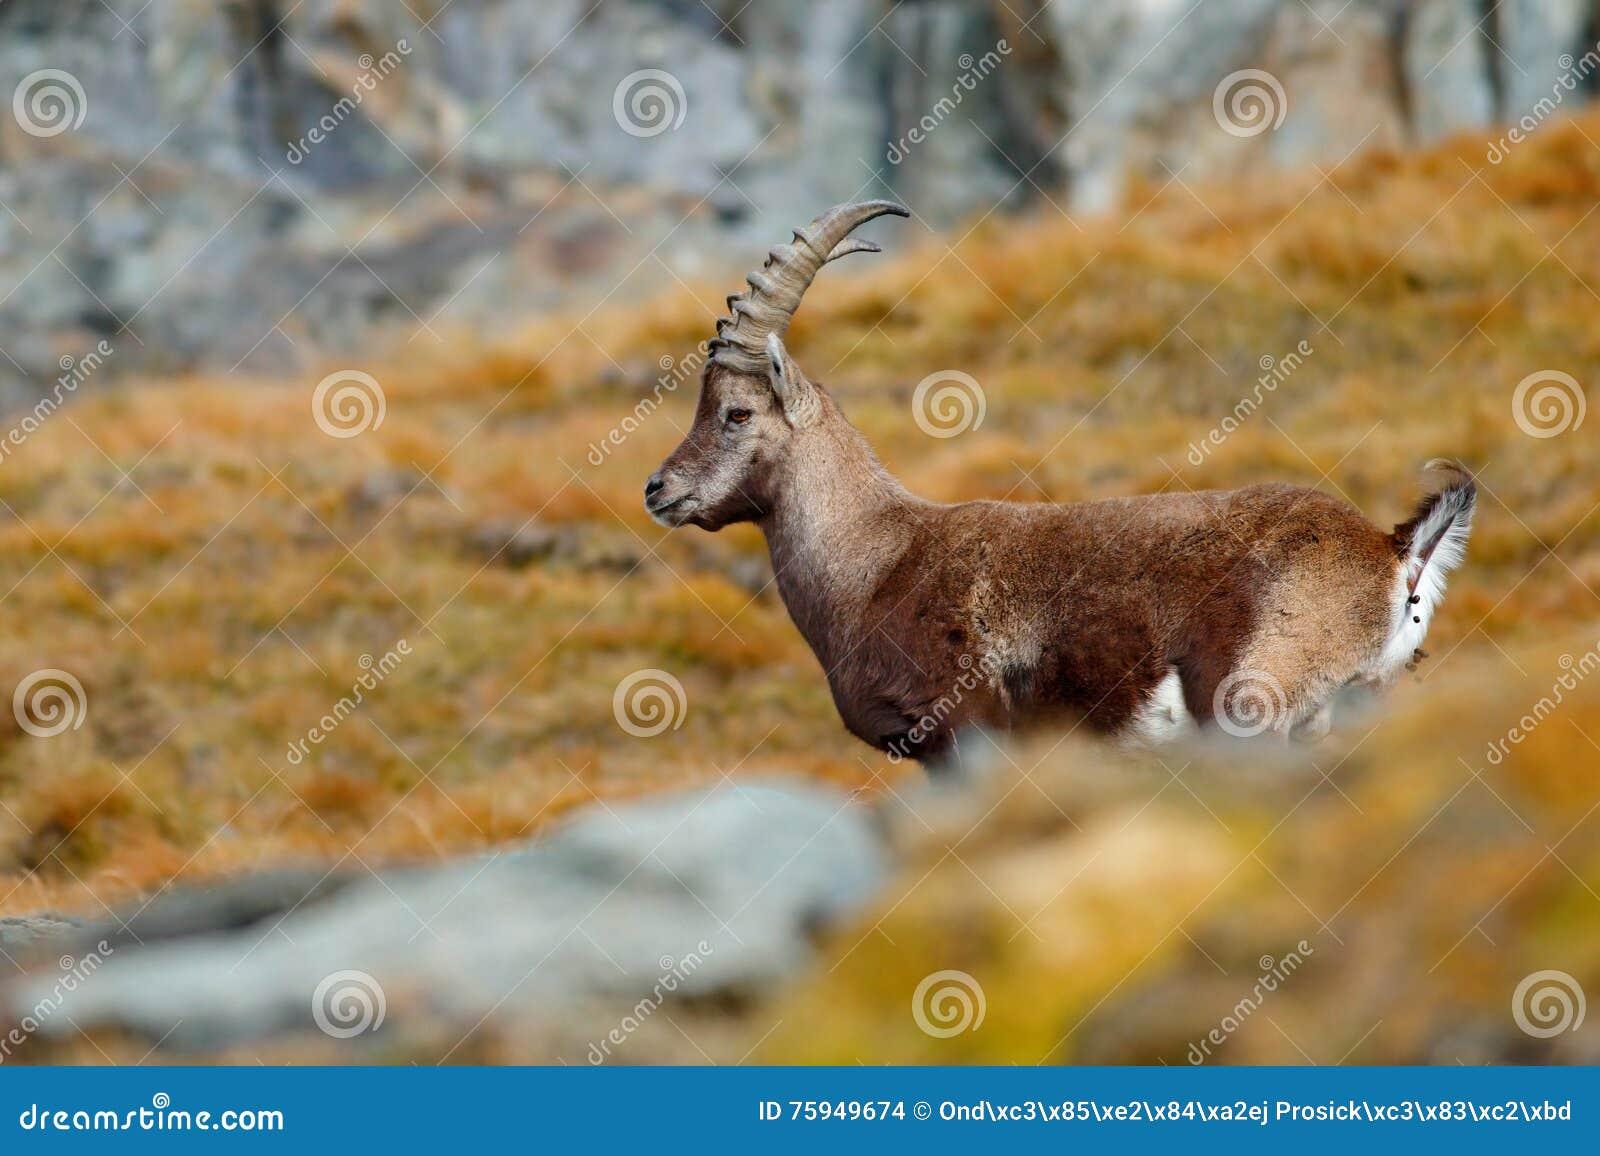 Cabra montés alpino de la asta, cabra montés del Capra, rasguñando el animal con las rocas coloreadas en fondo, animal en el hábi